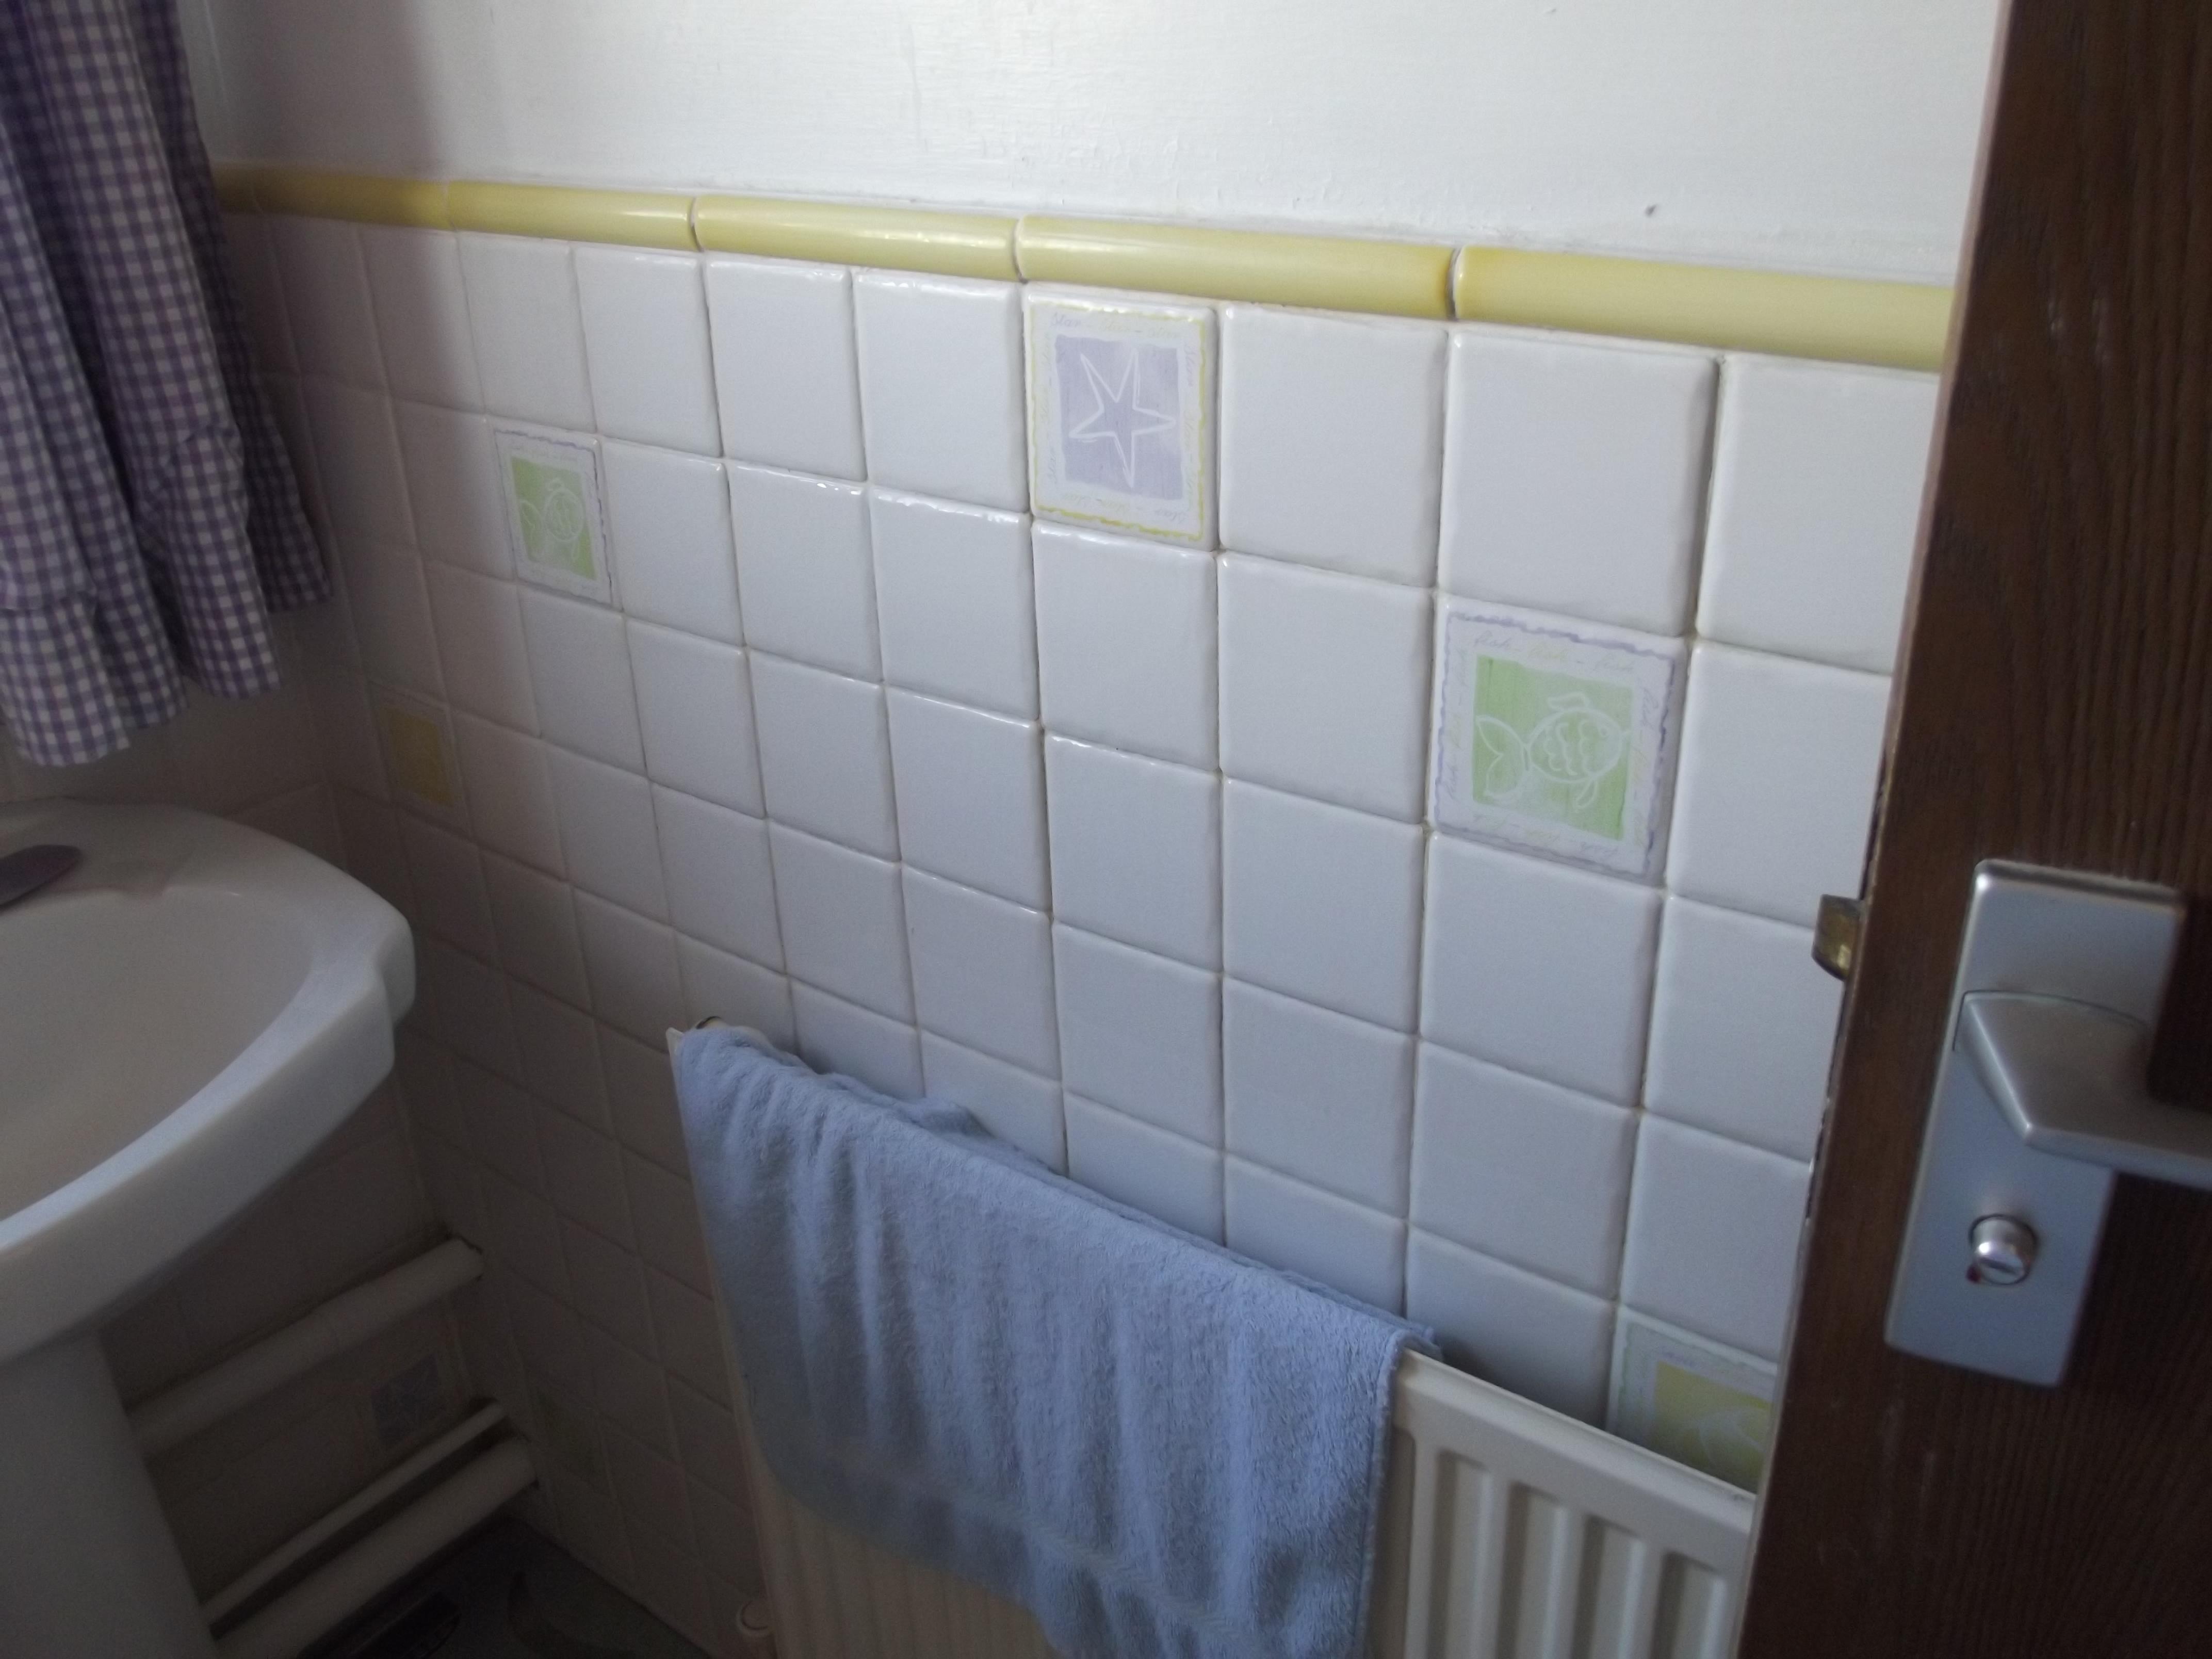 wall tiles | Oma